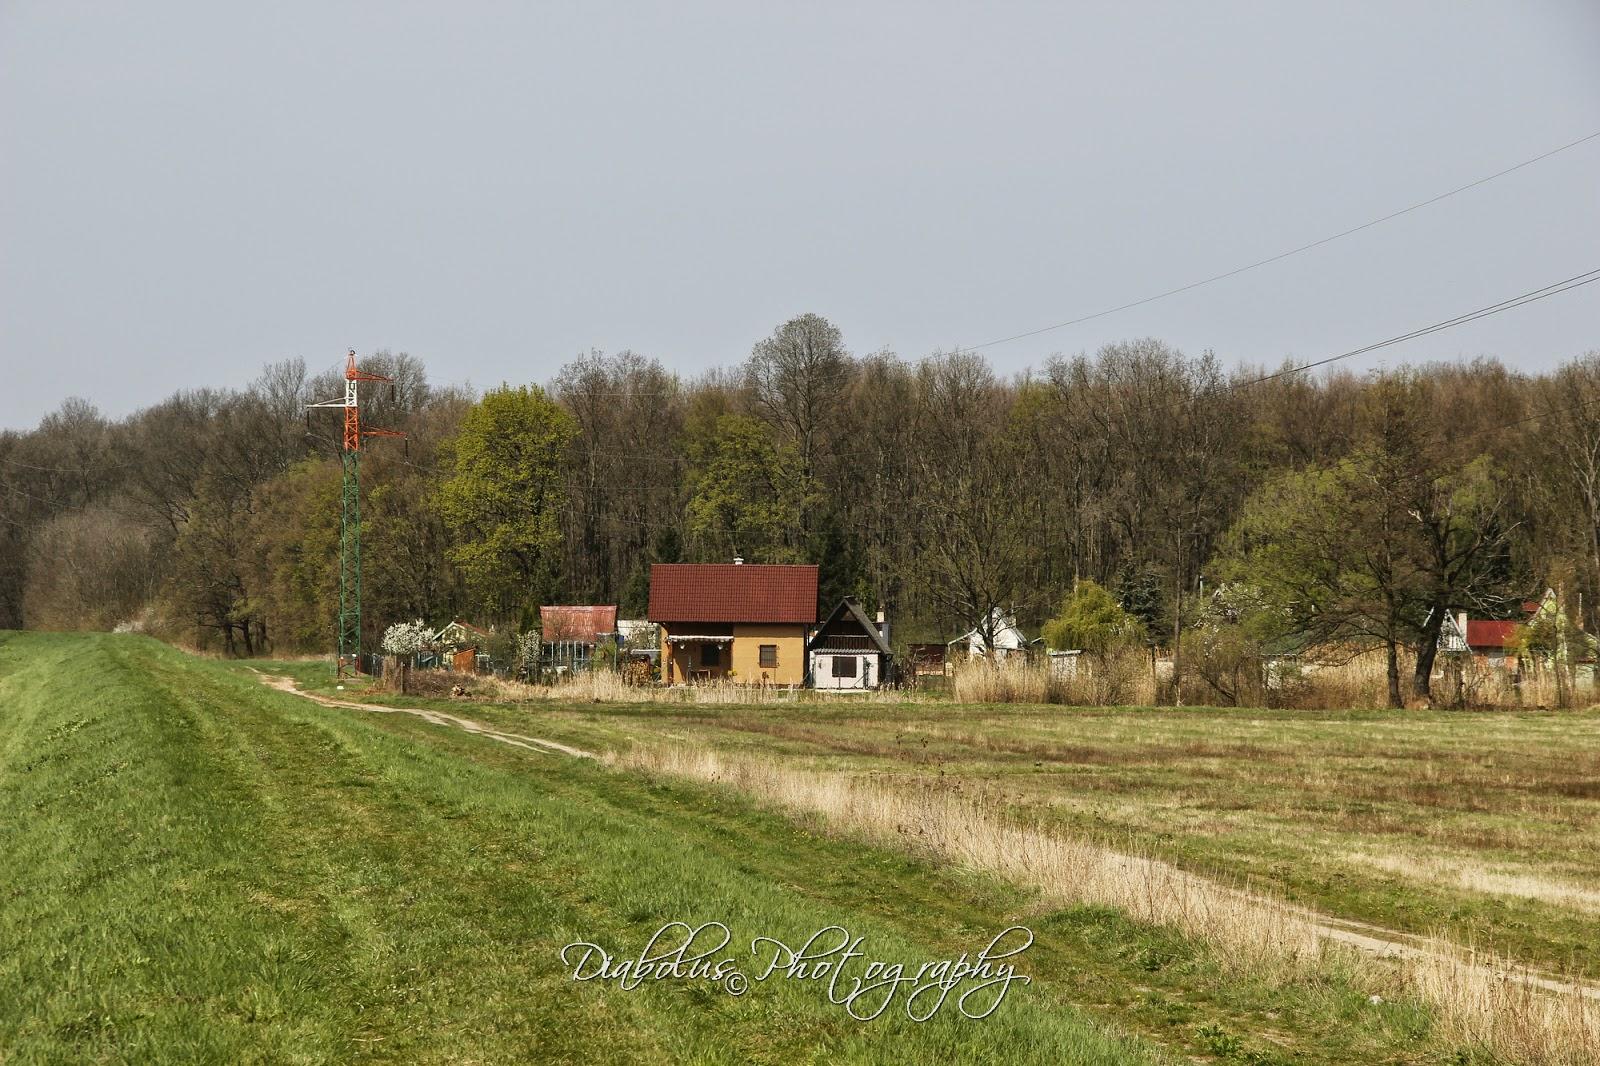 Zahrádkářská osada Baráky